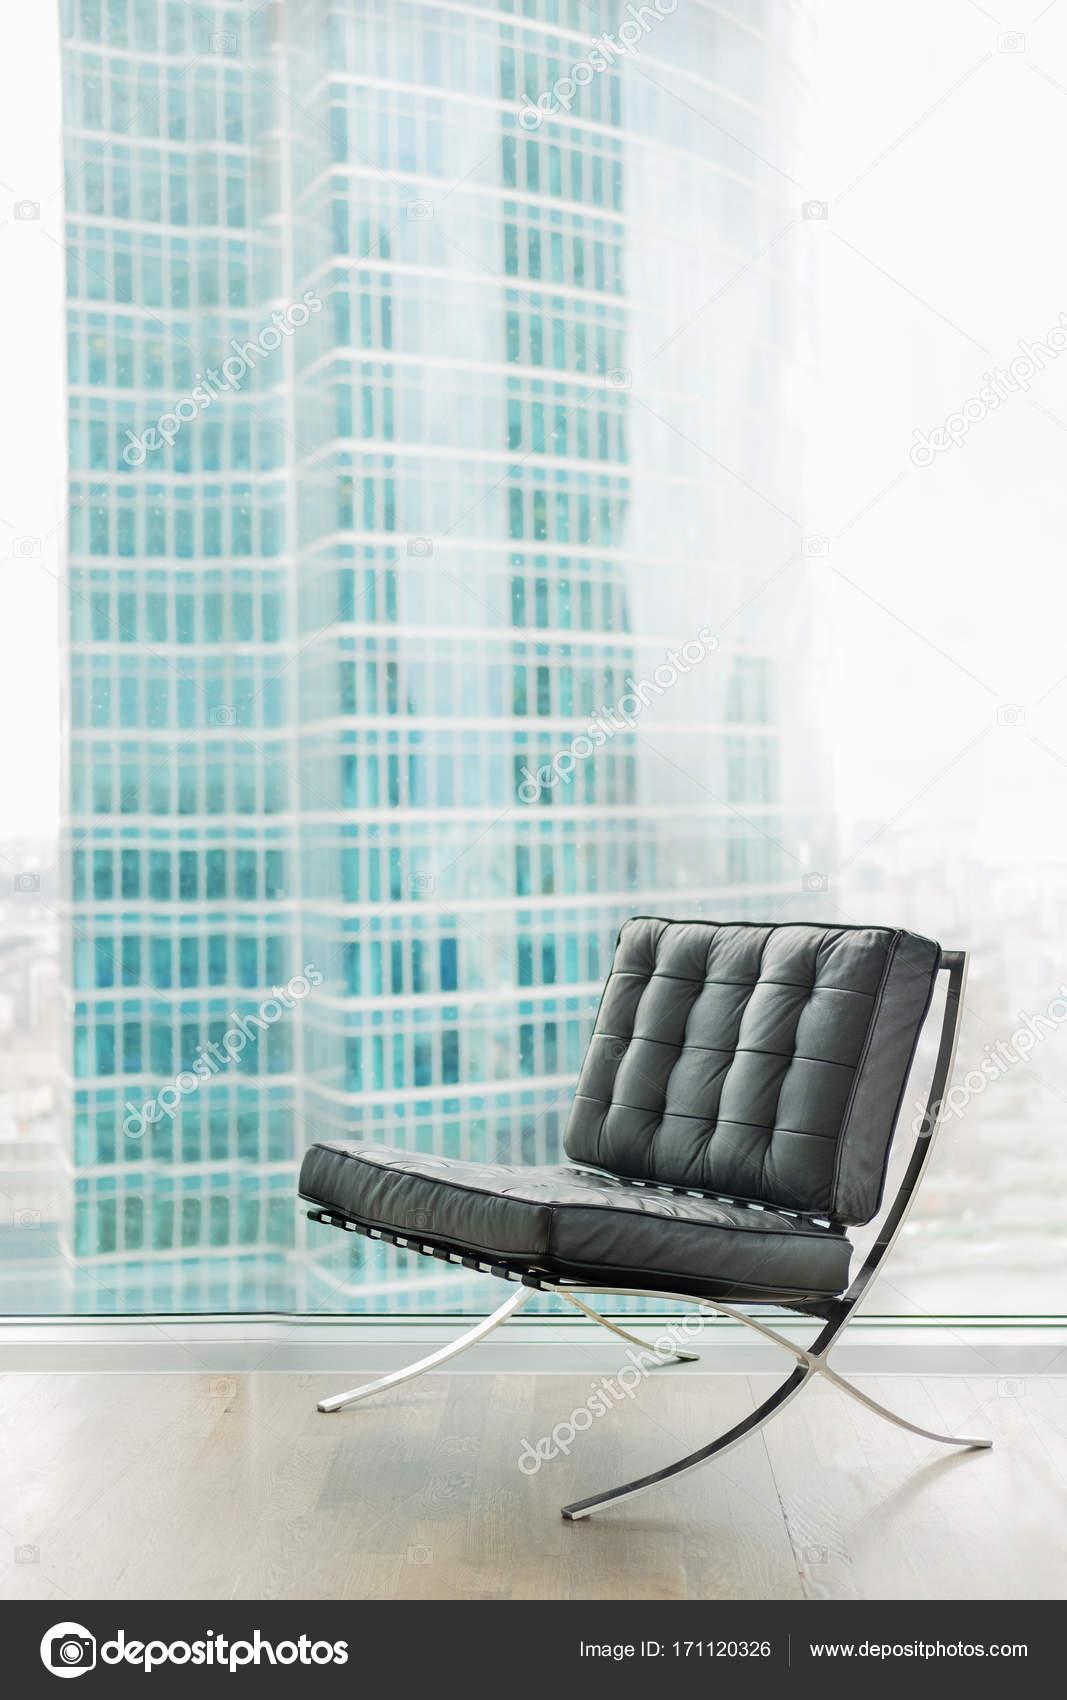 Moderne Lederen Fauteuil.Moderne Lederen Fauteuil In Office Stockfoto C Dmitry Zimin 171120326